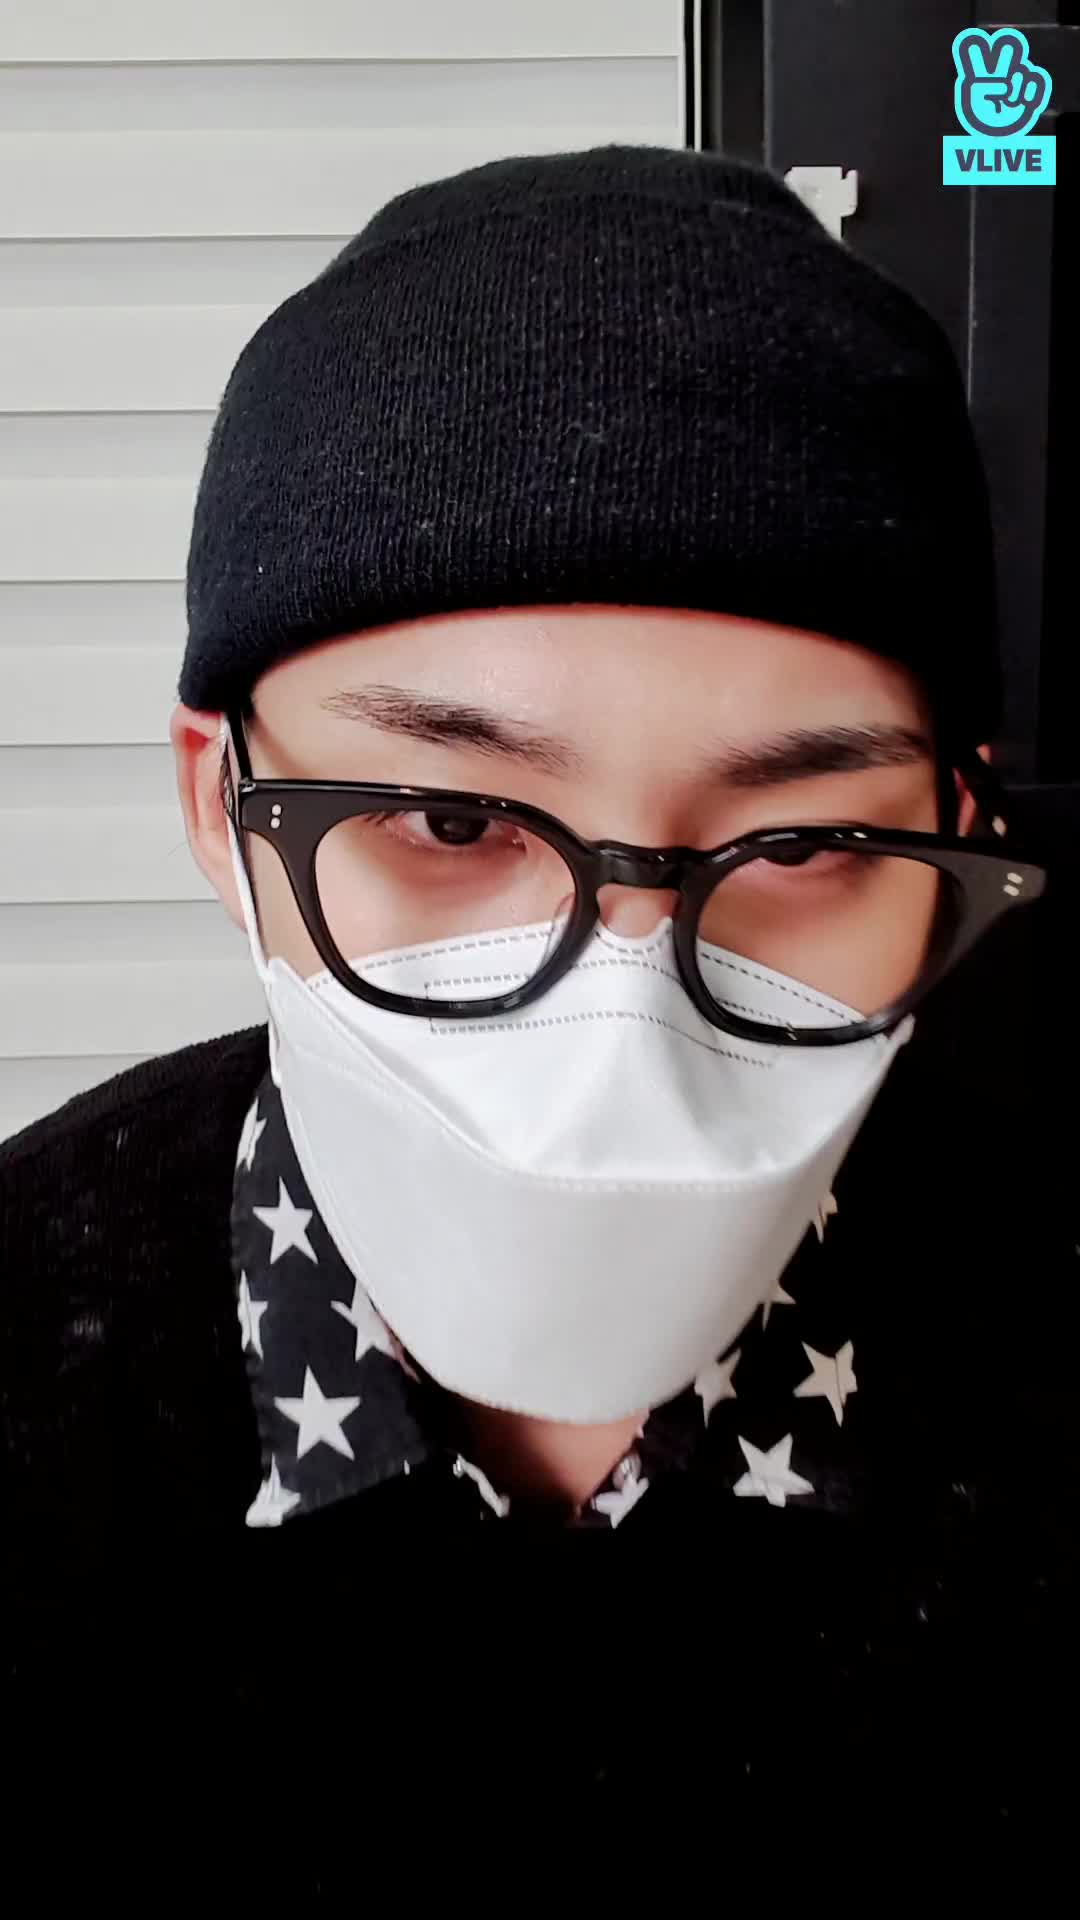 안녕하세요 김민규입니다 ㅎ